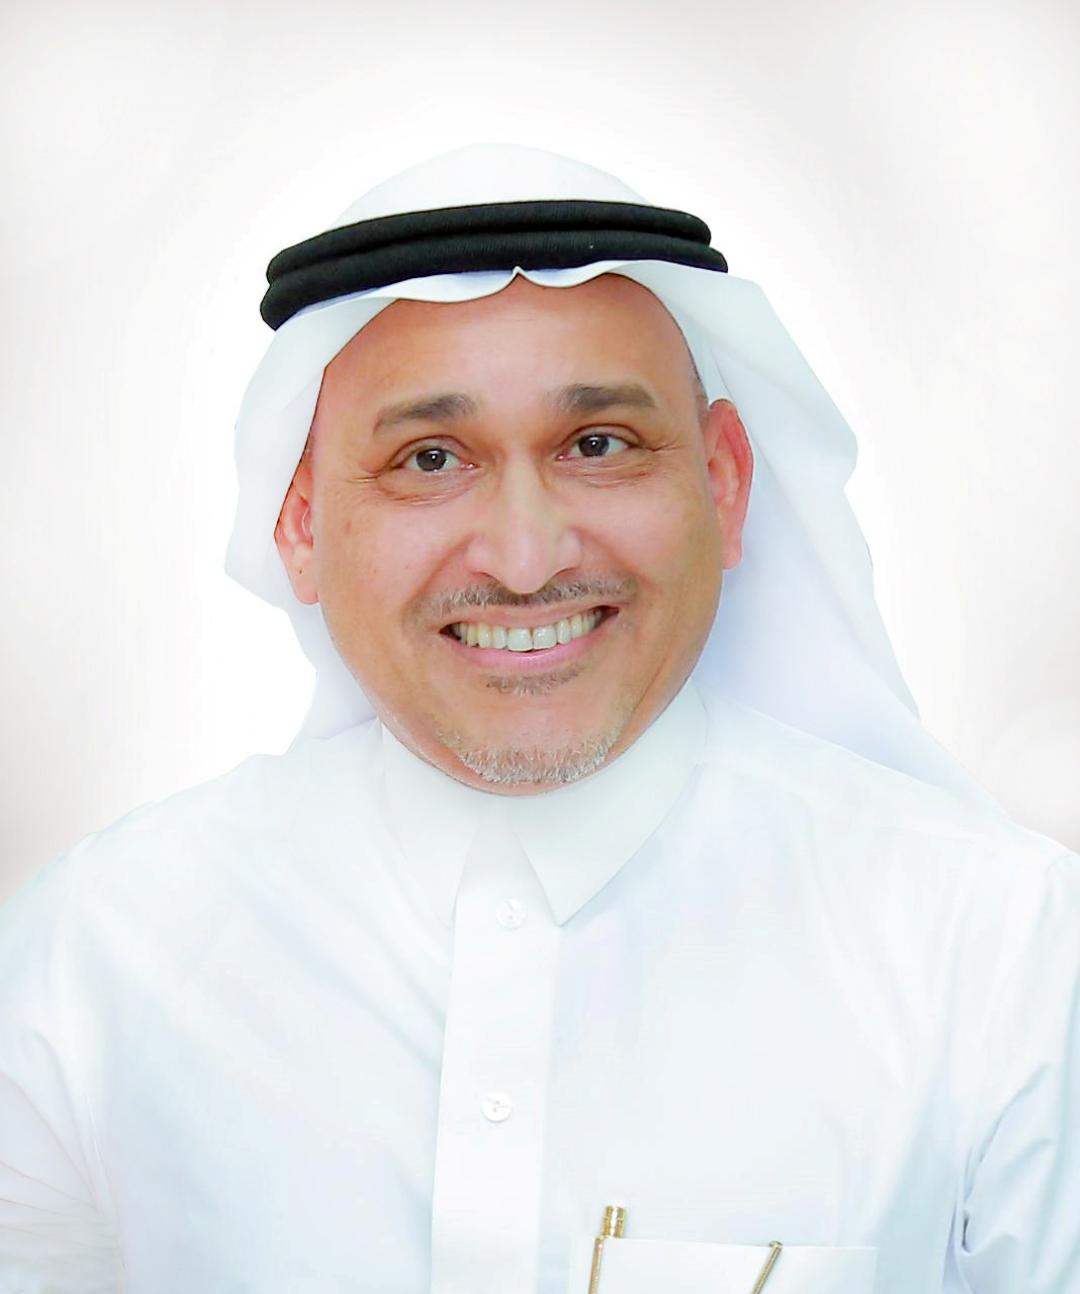 برعاية محمد بن راشد .. جائزة التميز الحكومي العربي تكرم الفائزين في دورتها الأولى